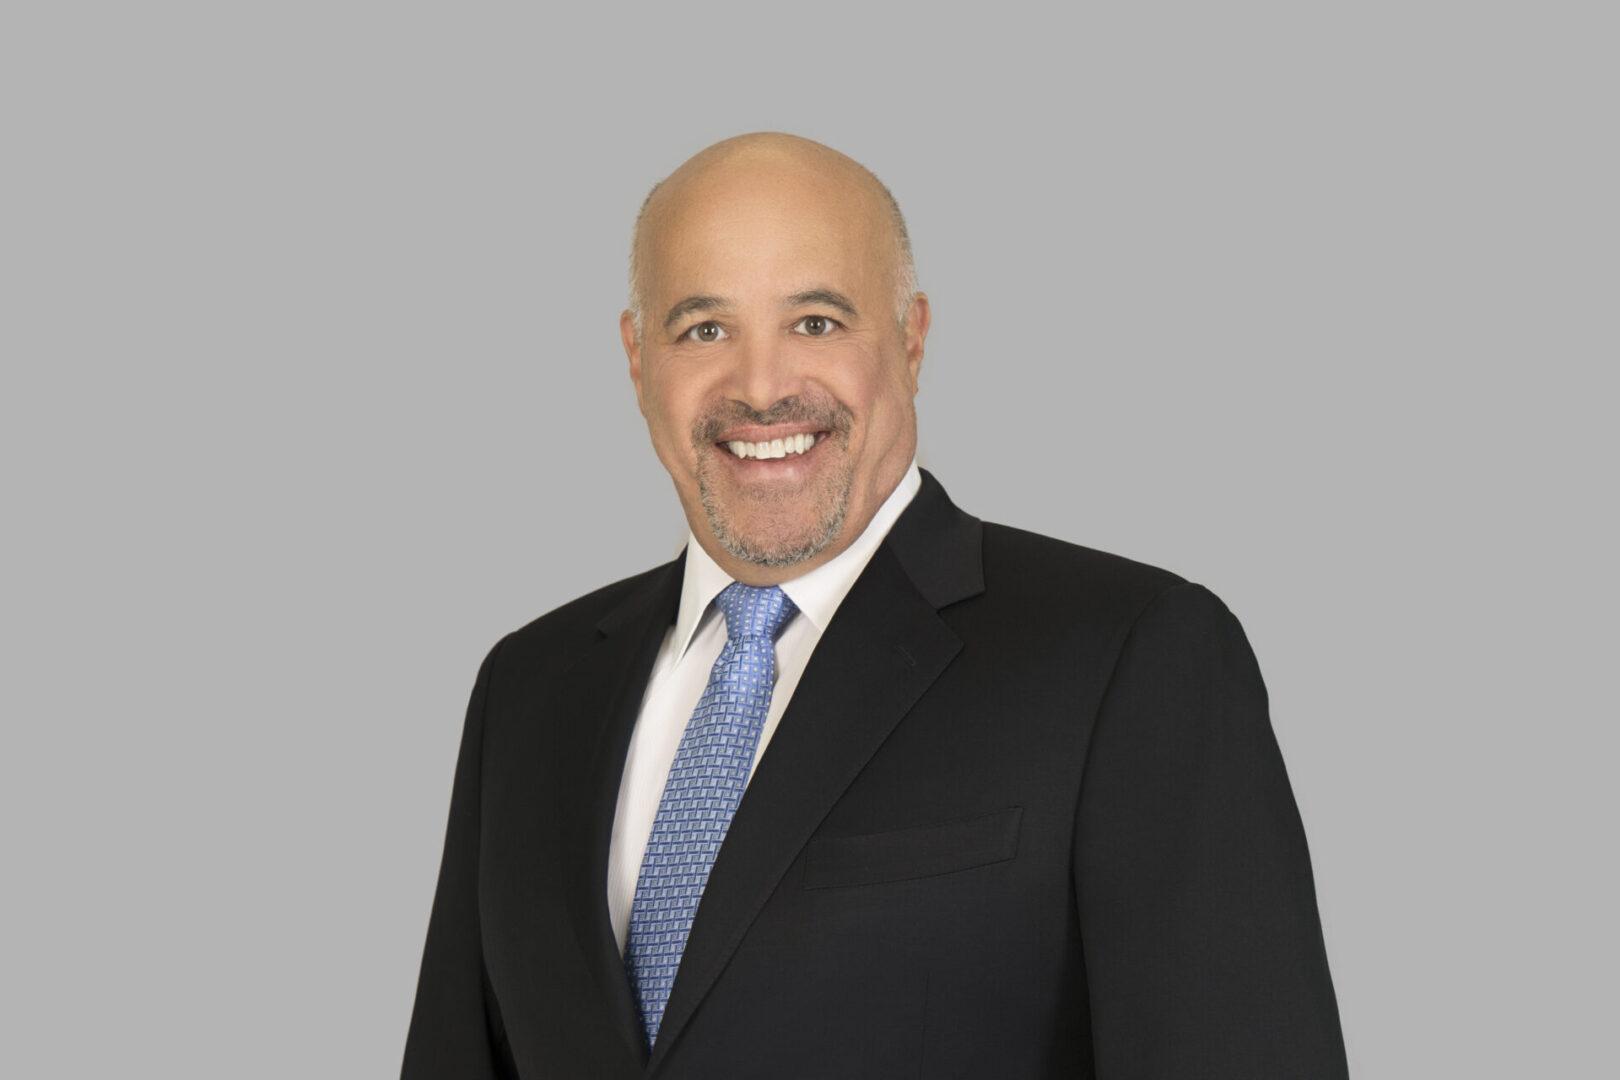 Ronald Ruben